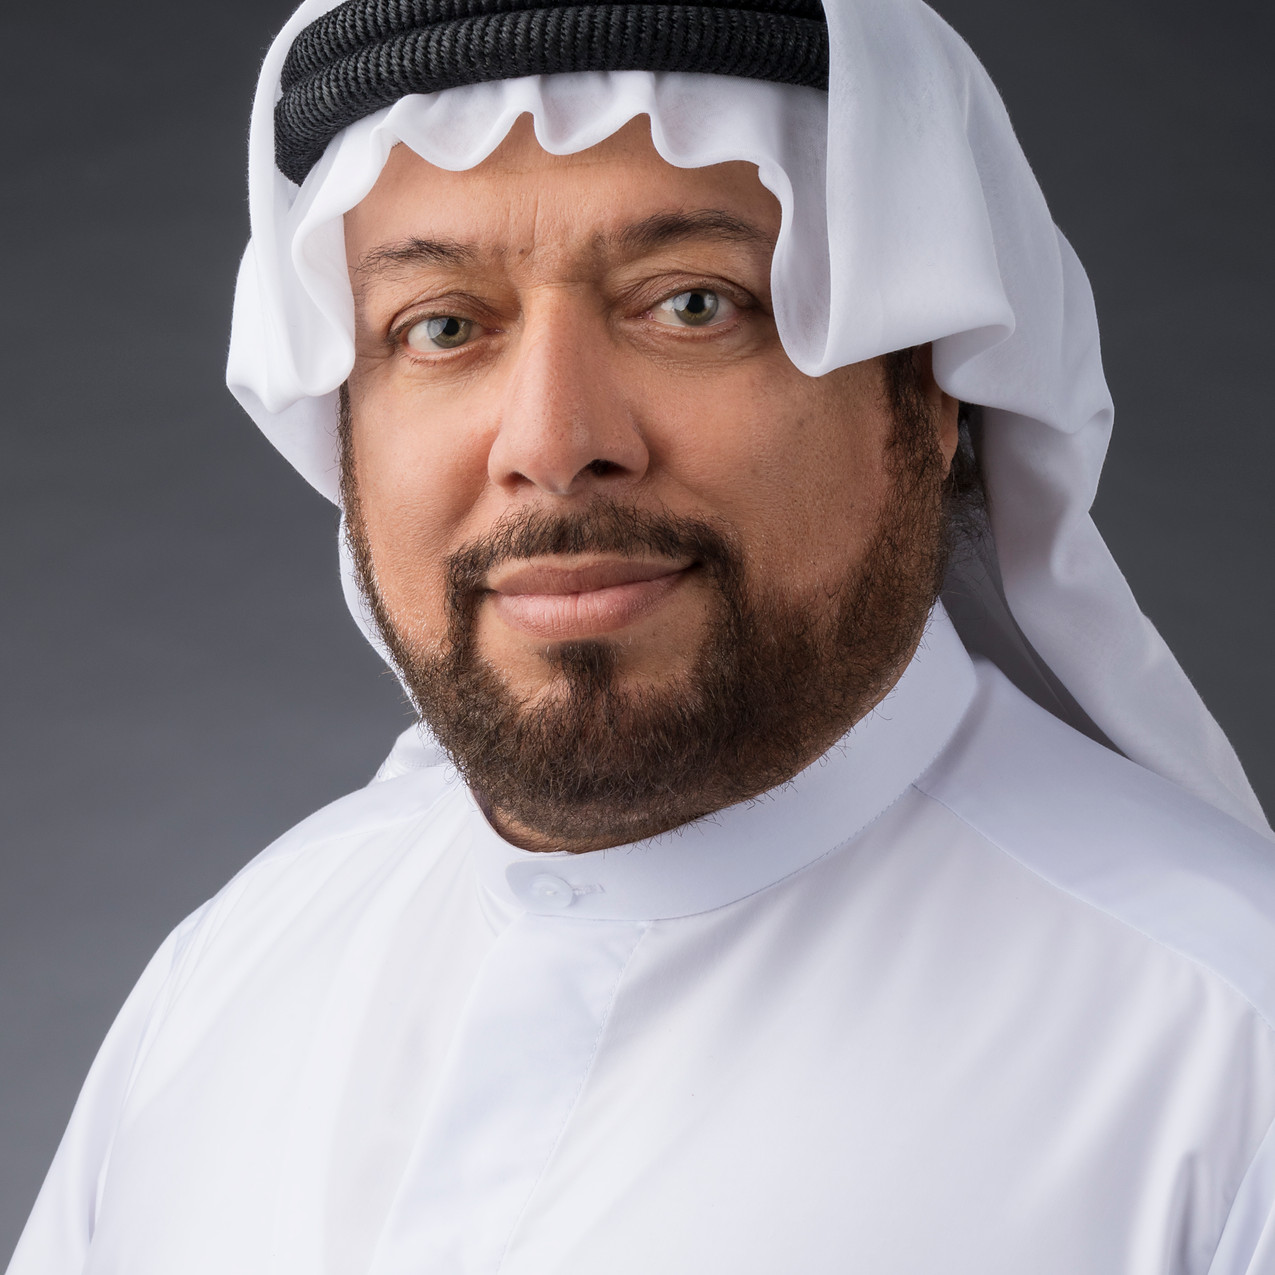 Shafeeq Alsharqi